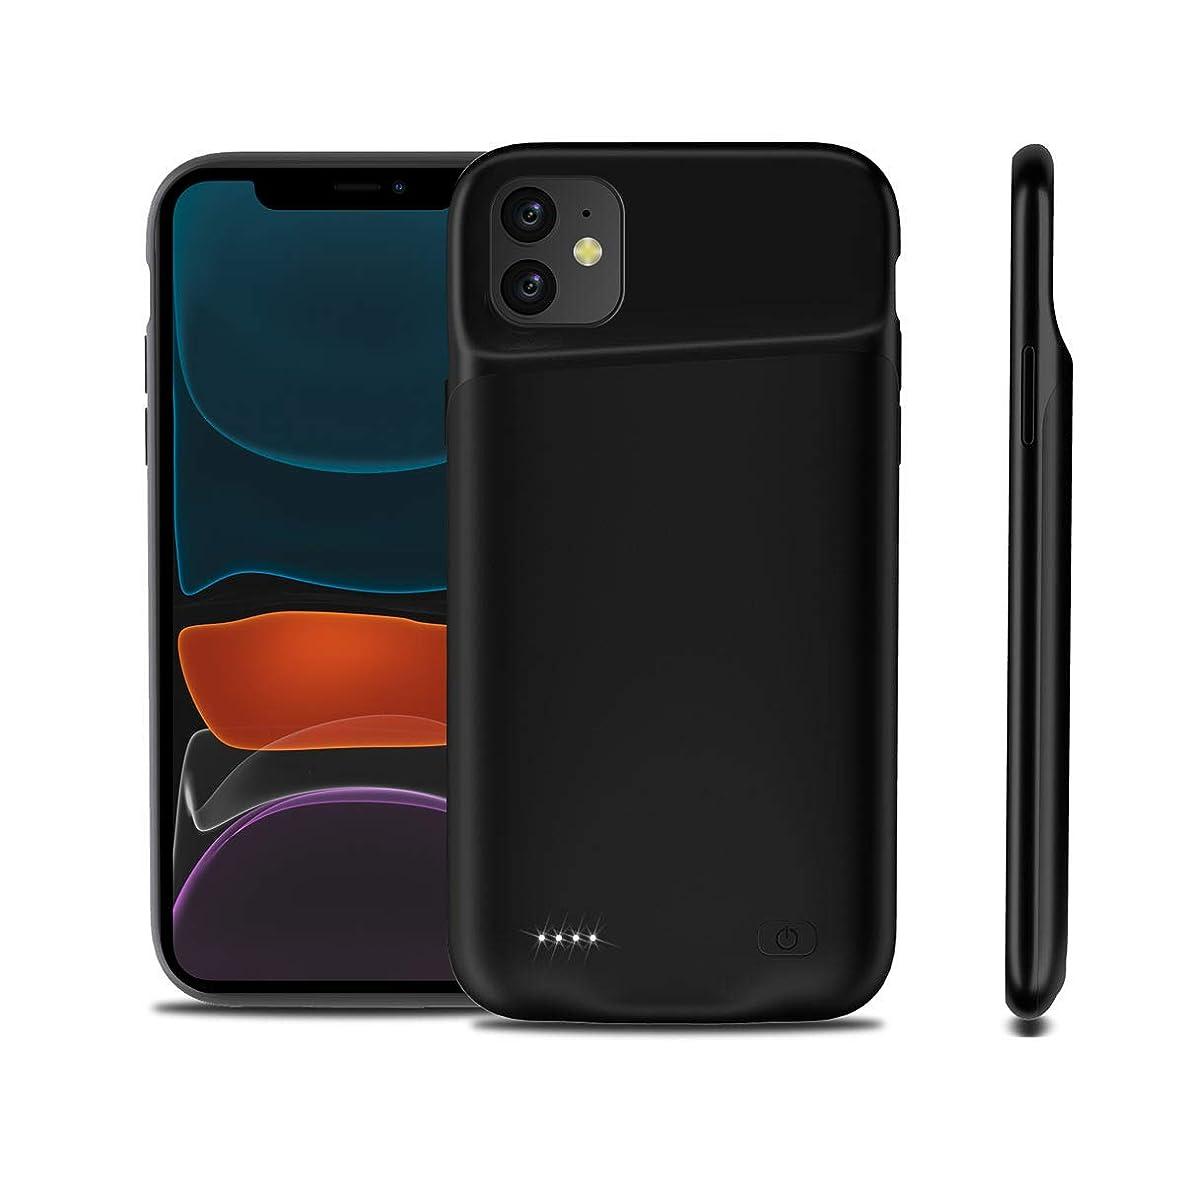 いろいろ解き明かすカプラーWarebaバッテリー内蔵ケース 大容量 iPhone 11 6.1 Inch 6000mAh専用 バッテリーケース 軽量 超薄 急速充電 超便利 耐衝撃 ケース型バッテリー 携帯充電器 モバイルバッテリー容量追加battery case